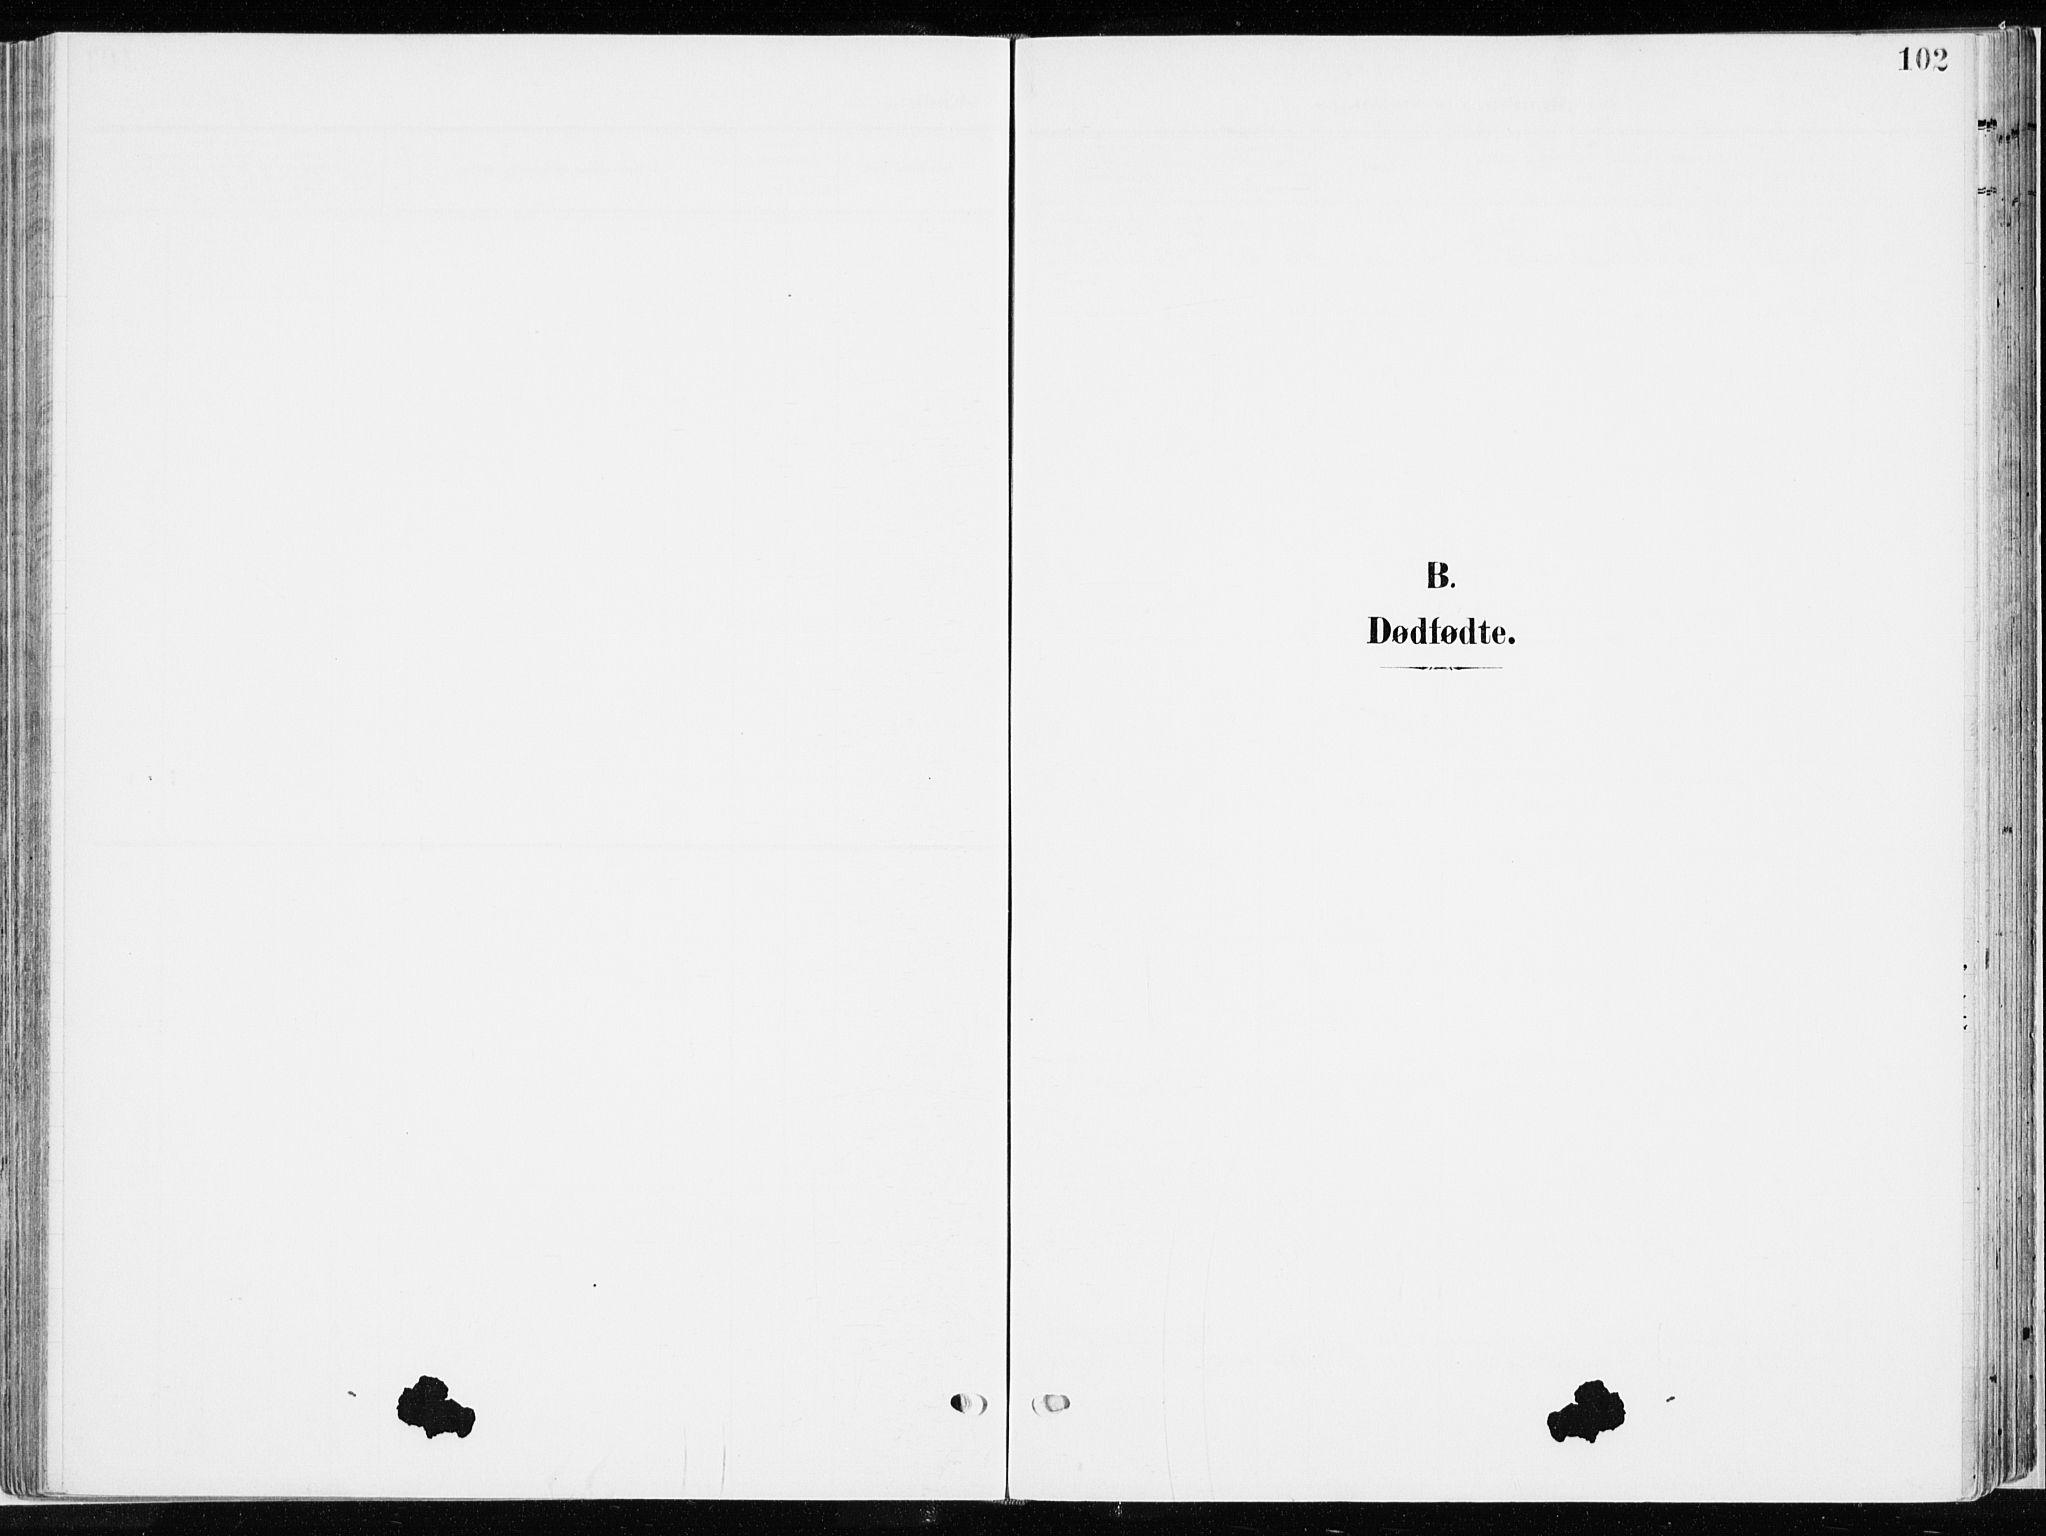 SAH, Ringsaker prestekontor, K/Ka/L0019: Ministerialbok nr. 19, 1905-1920, s. 102